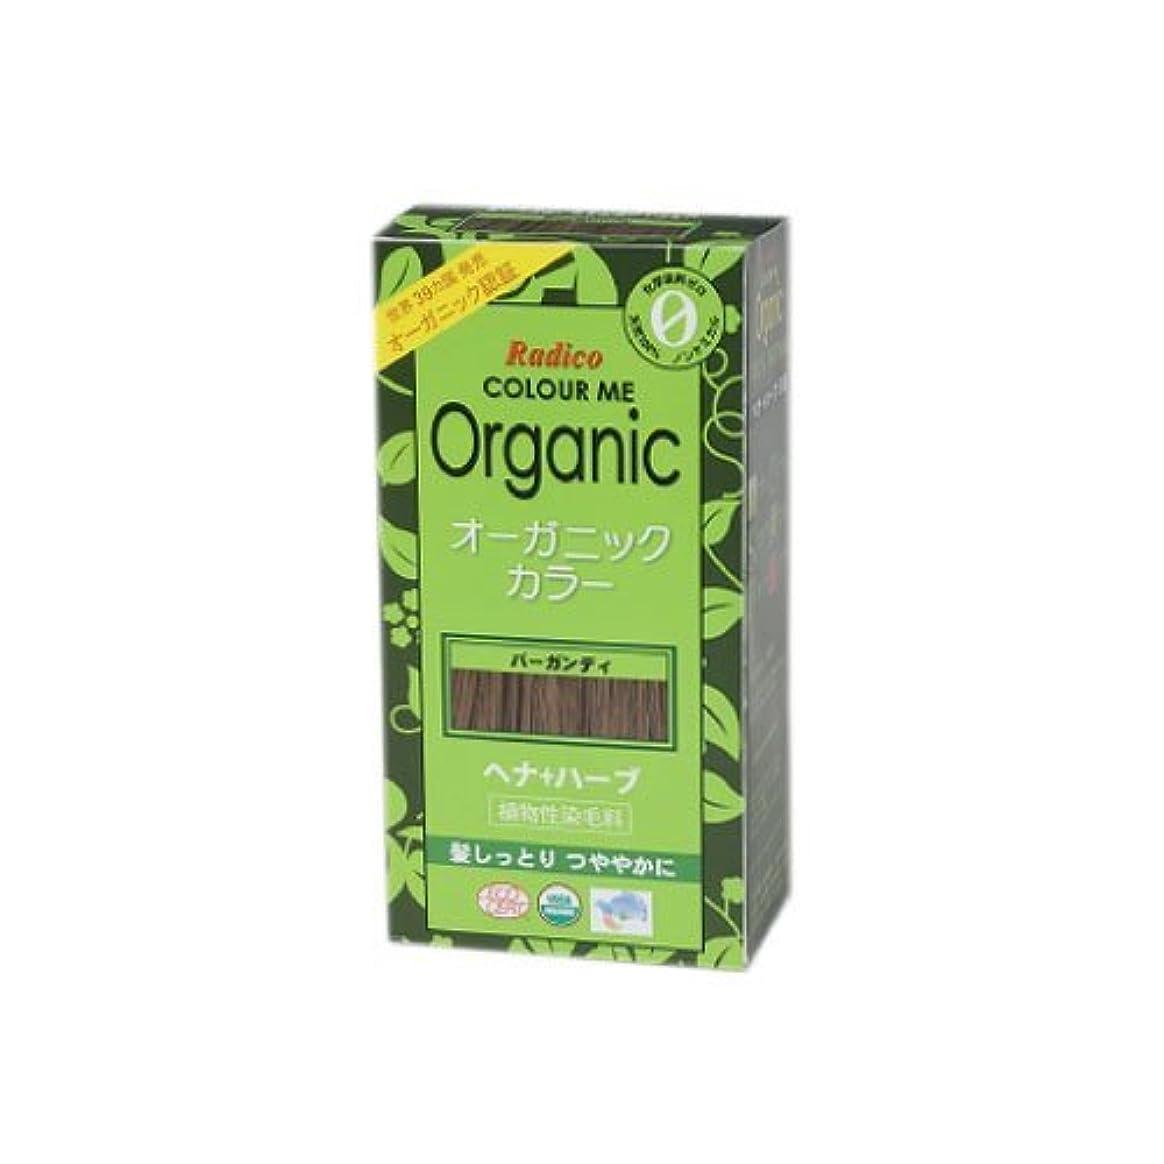 白鳥適合降下COLOURME Organic (カラーミーオーガニック ヘナ 白髪用) バーガンディ 100g